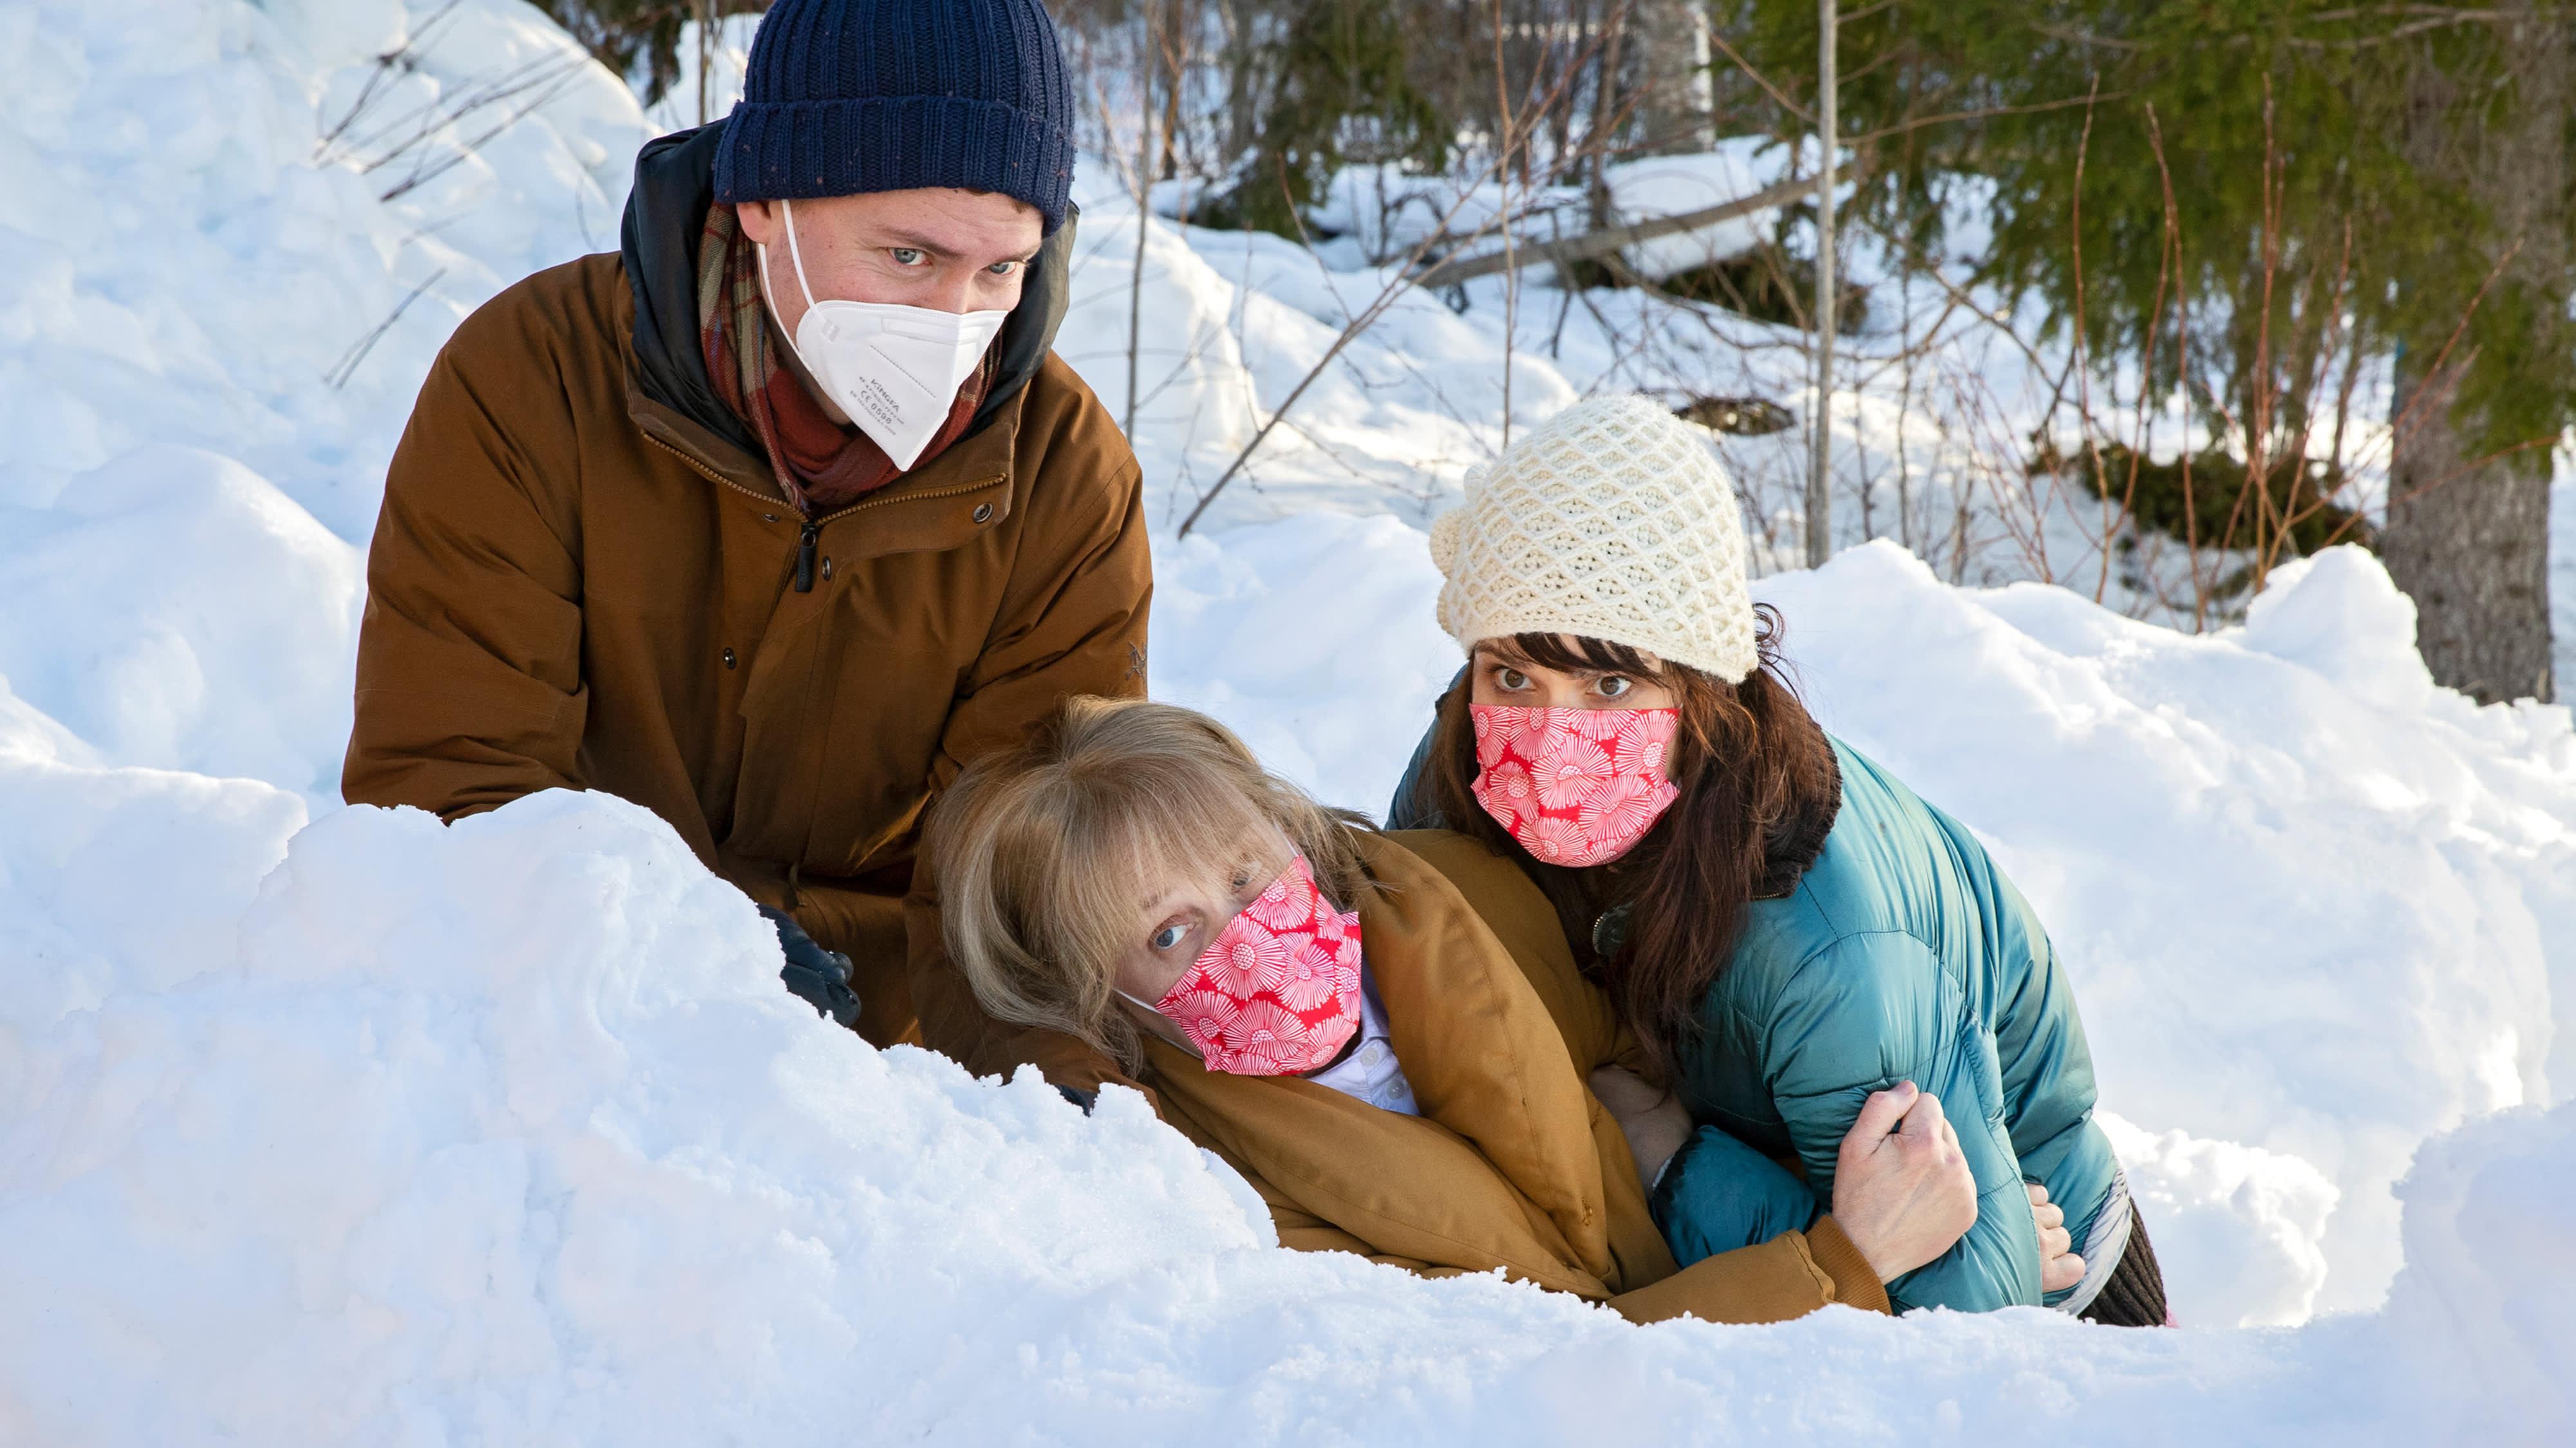 Huonot naiset elokuvan kuvauksissa ohjaaja Niklas Lindgren, näyttelijä Leea Klemola ja näyttelijä Eeva Semerdjiev katsovat kameraan lumihangessa.